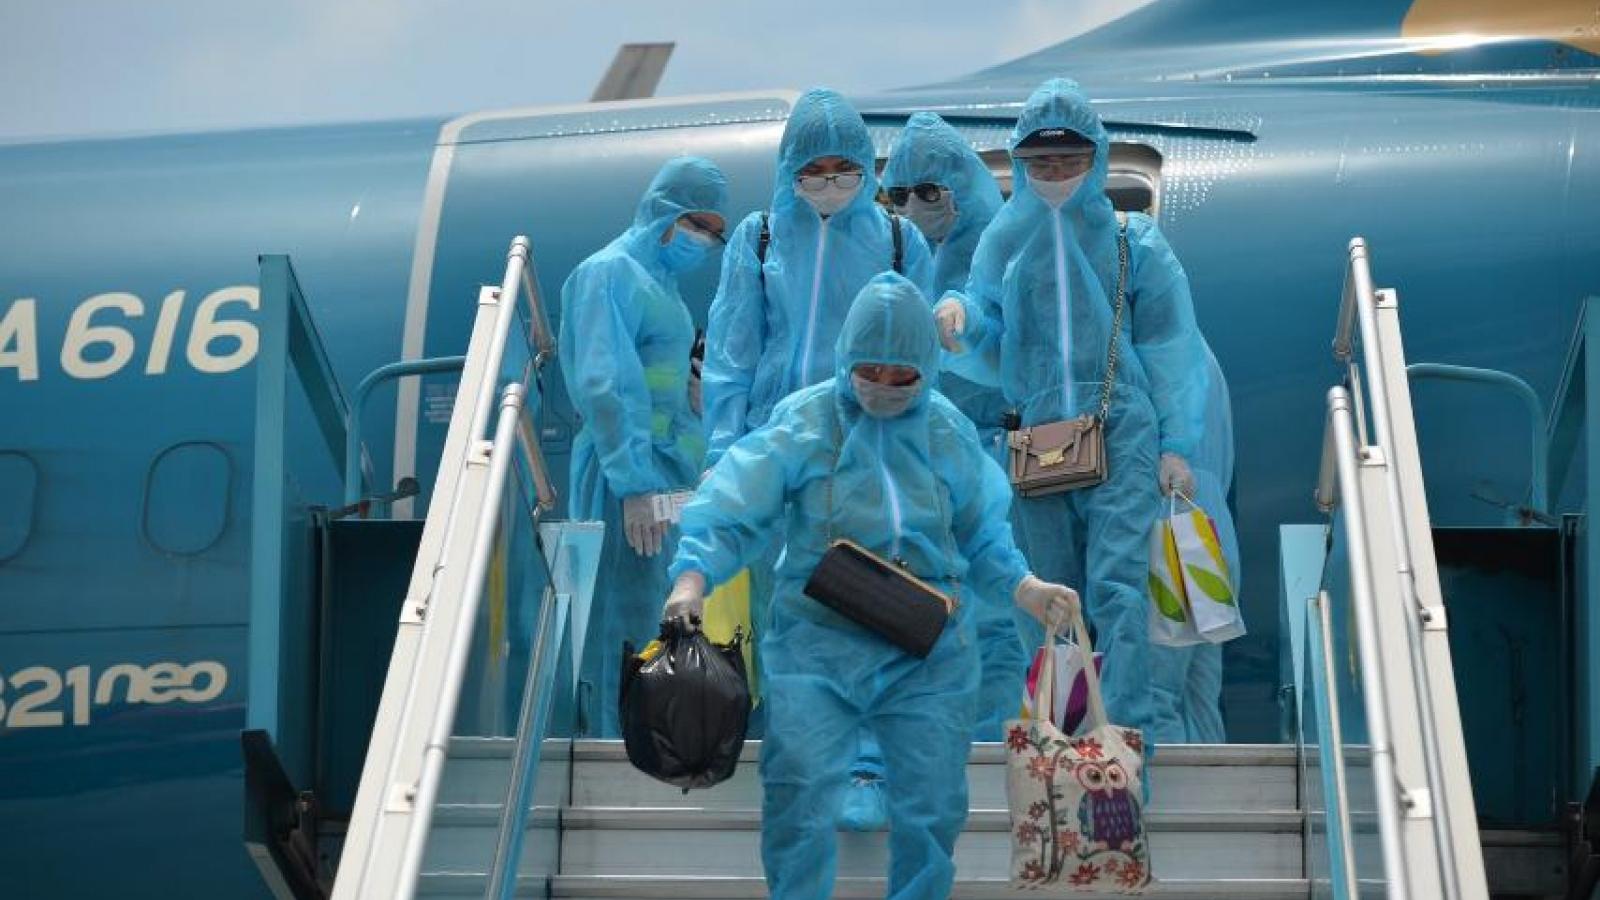 Khi nào các chuyến bay quốc tế chở khách được vào Việt Nam?